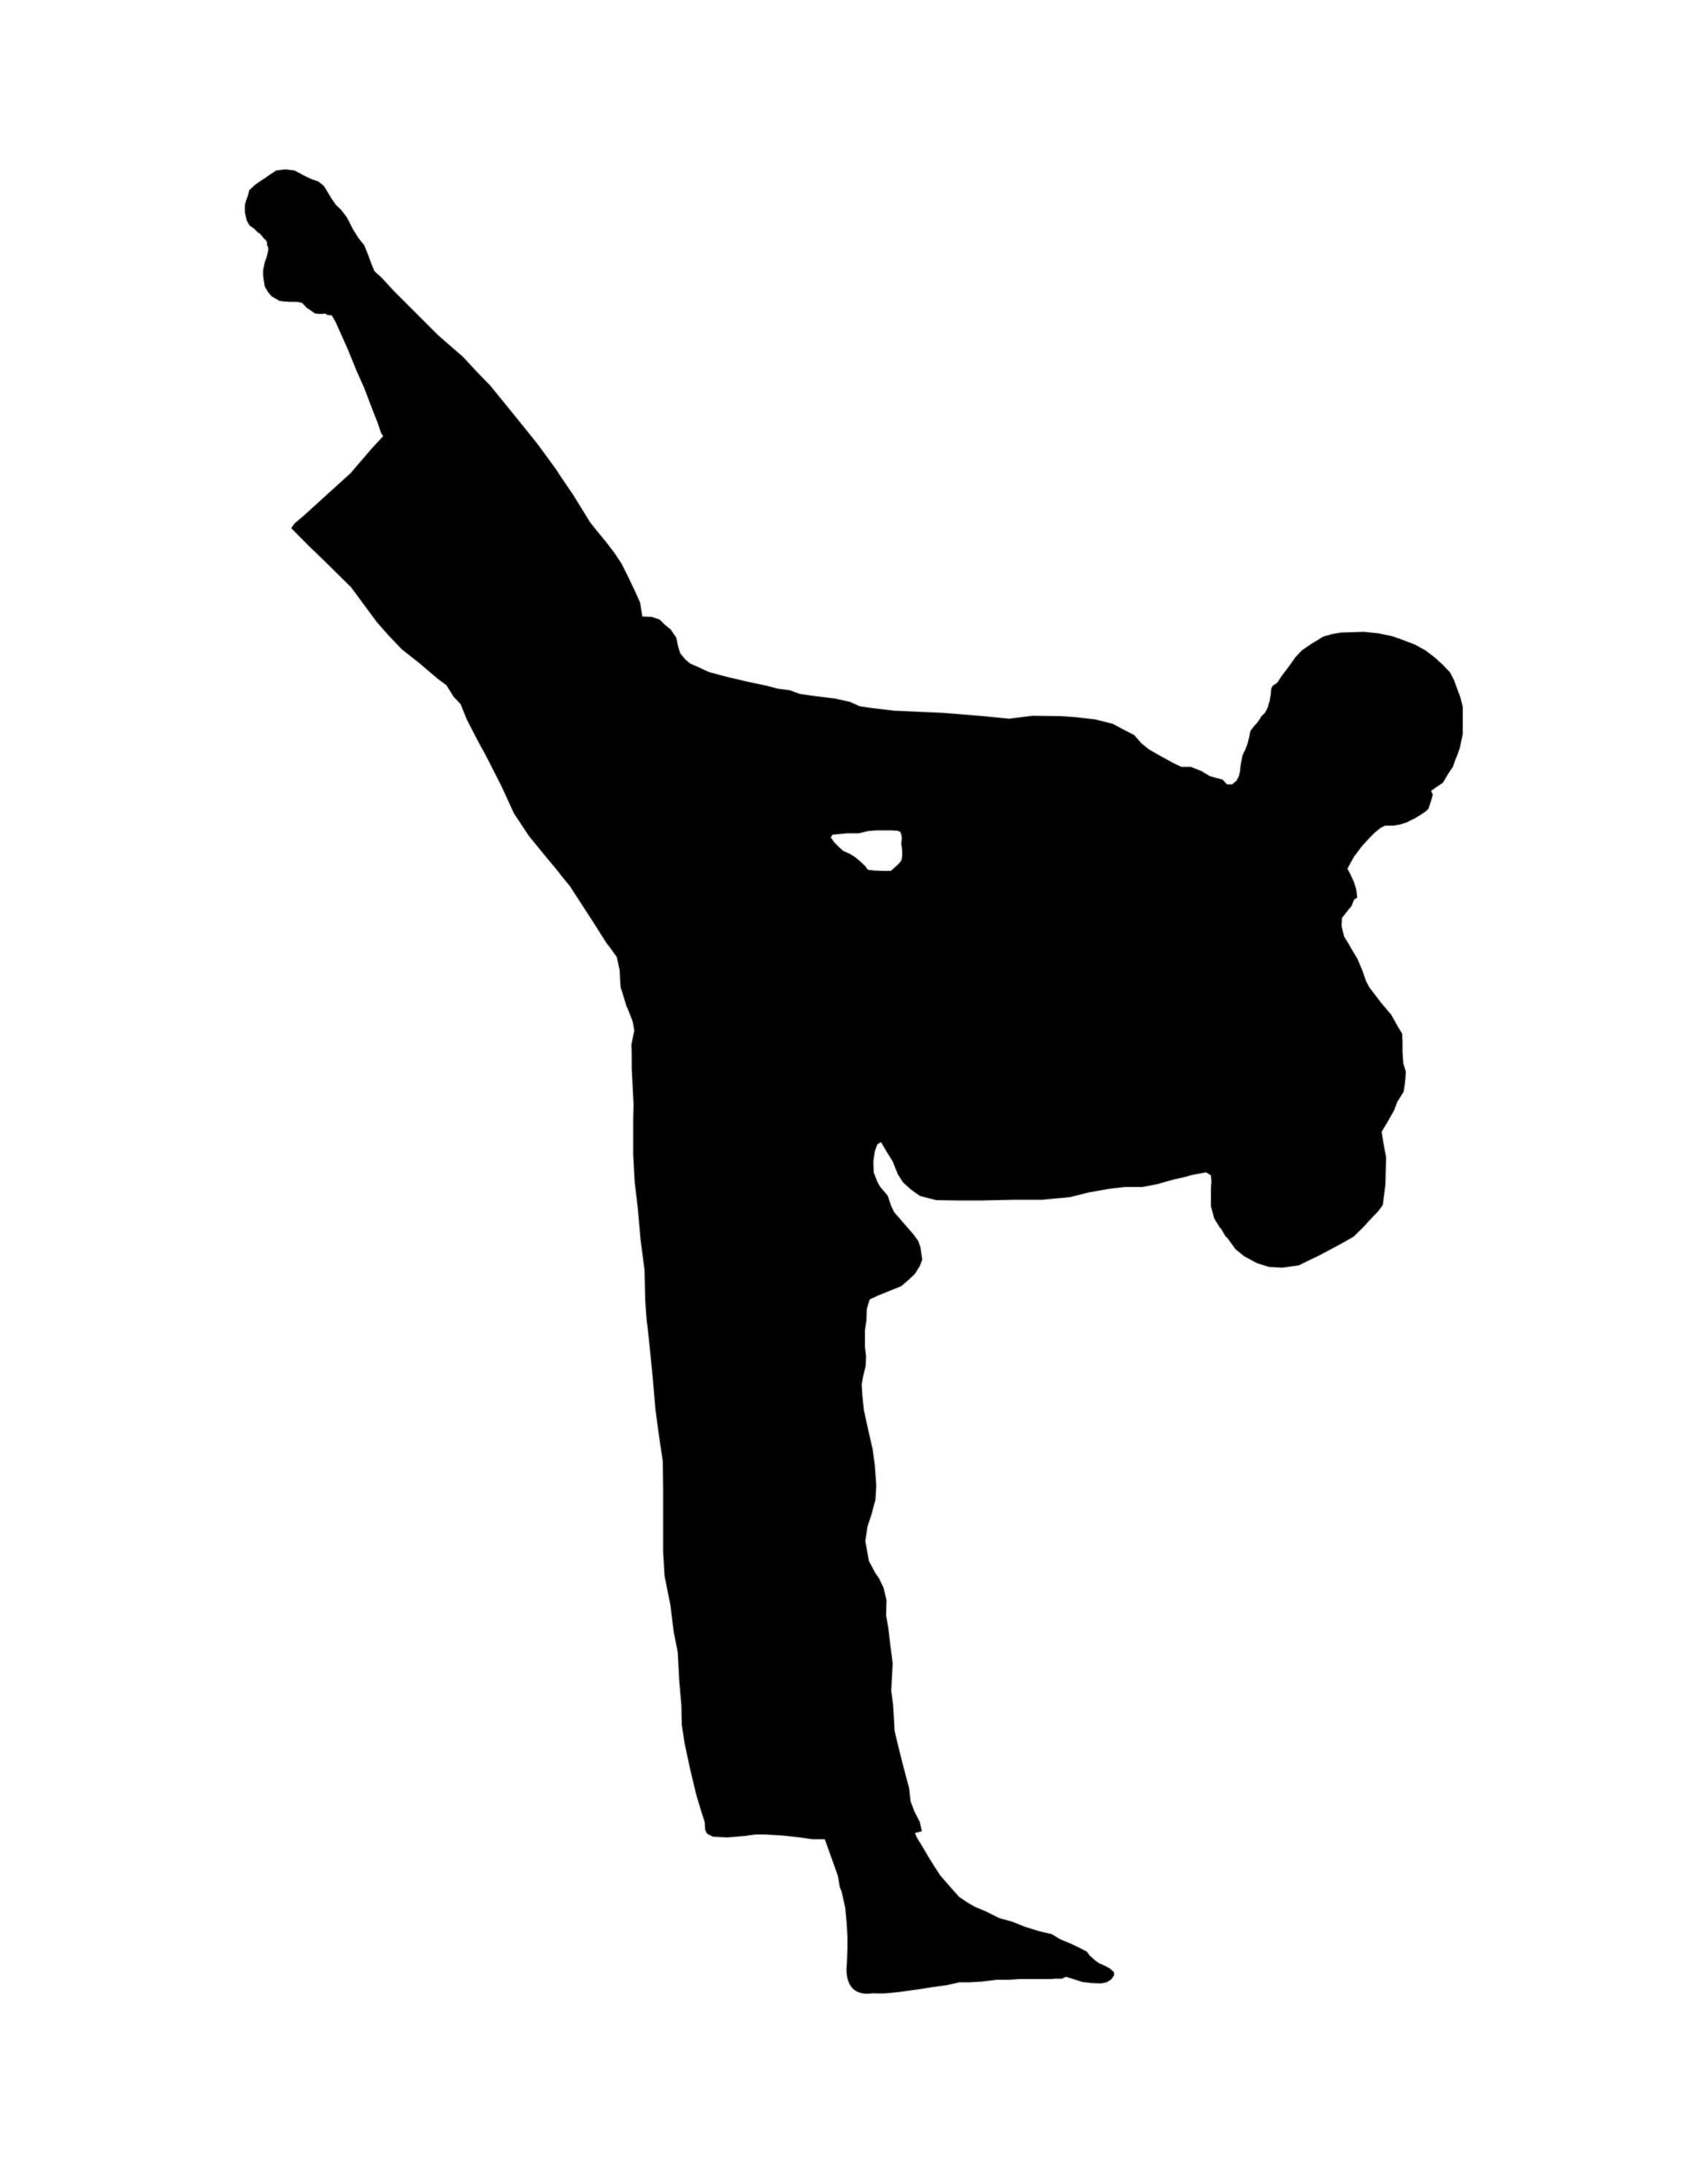 Martial Artist Wallpapers Top Free Martial Artist Backgrounds Wallpaperaccess Seni Bela Diri Pencak Silat Bela Diri